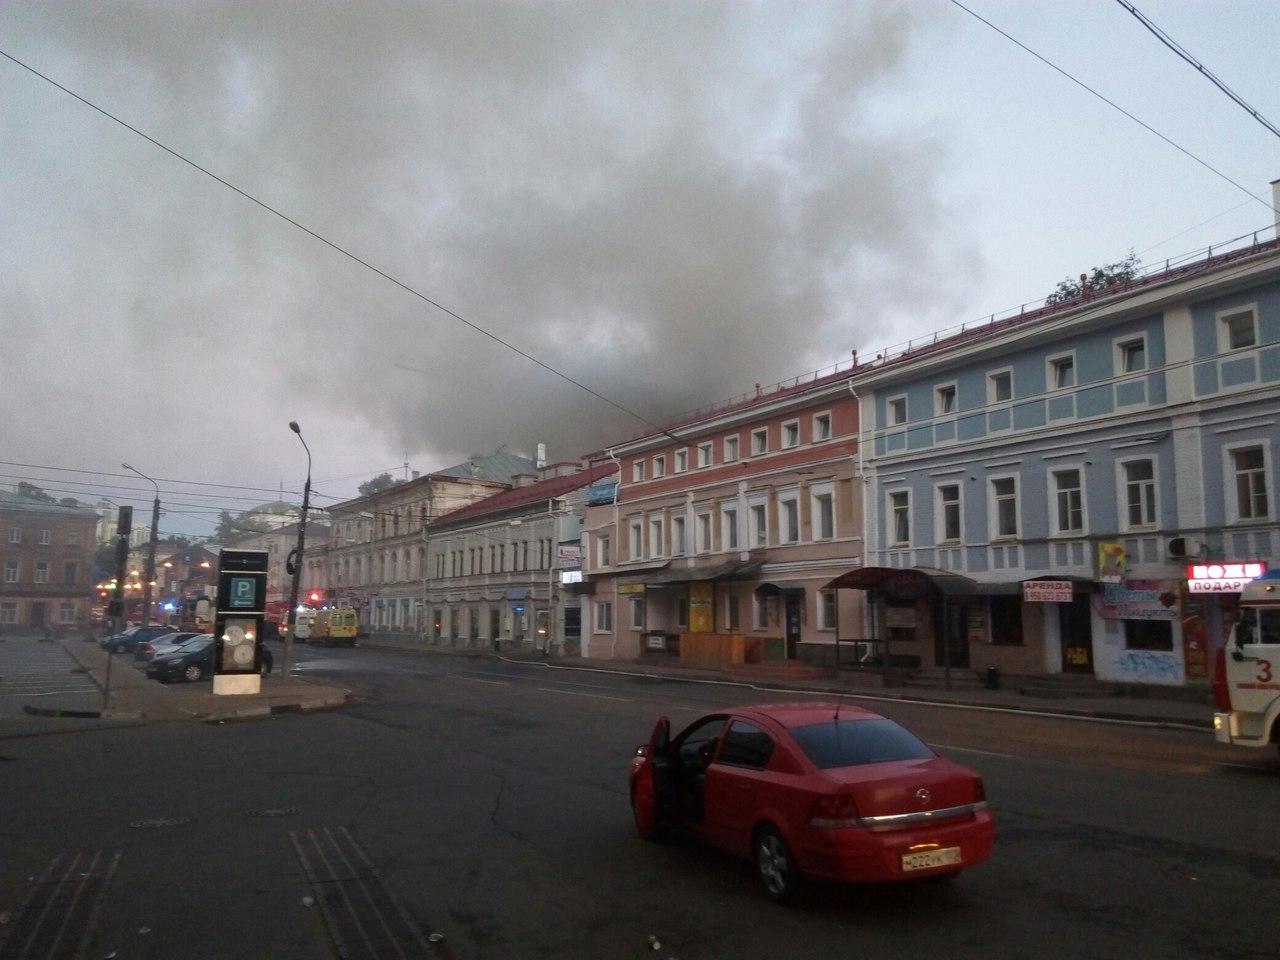 Сильный пожар вдоме наАлексеевской: сгорели квартиры иверанда кафе